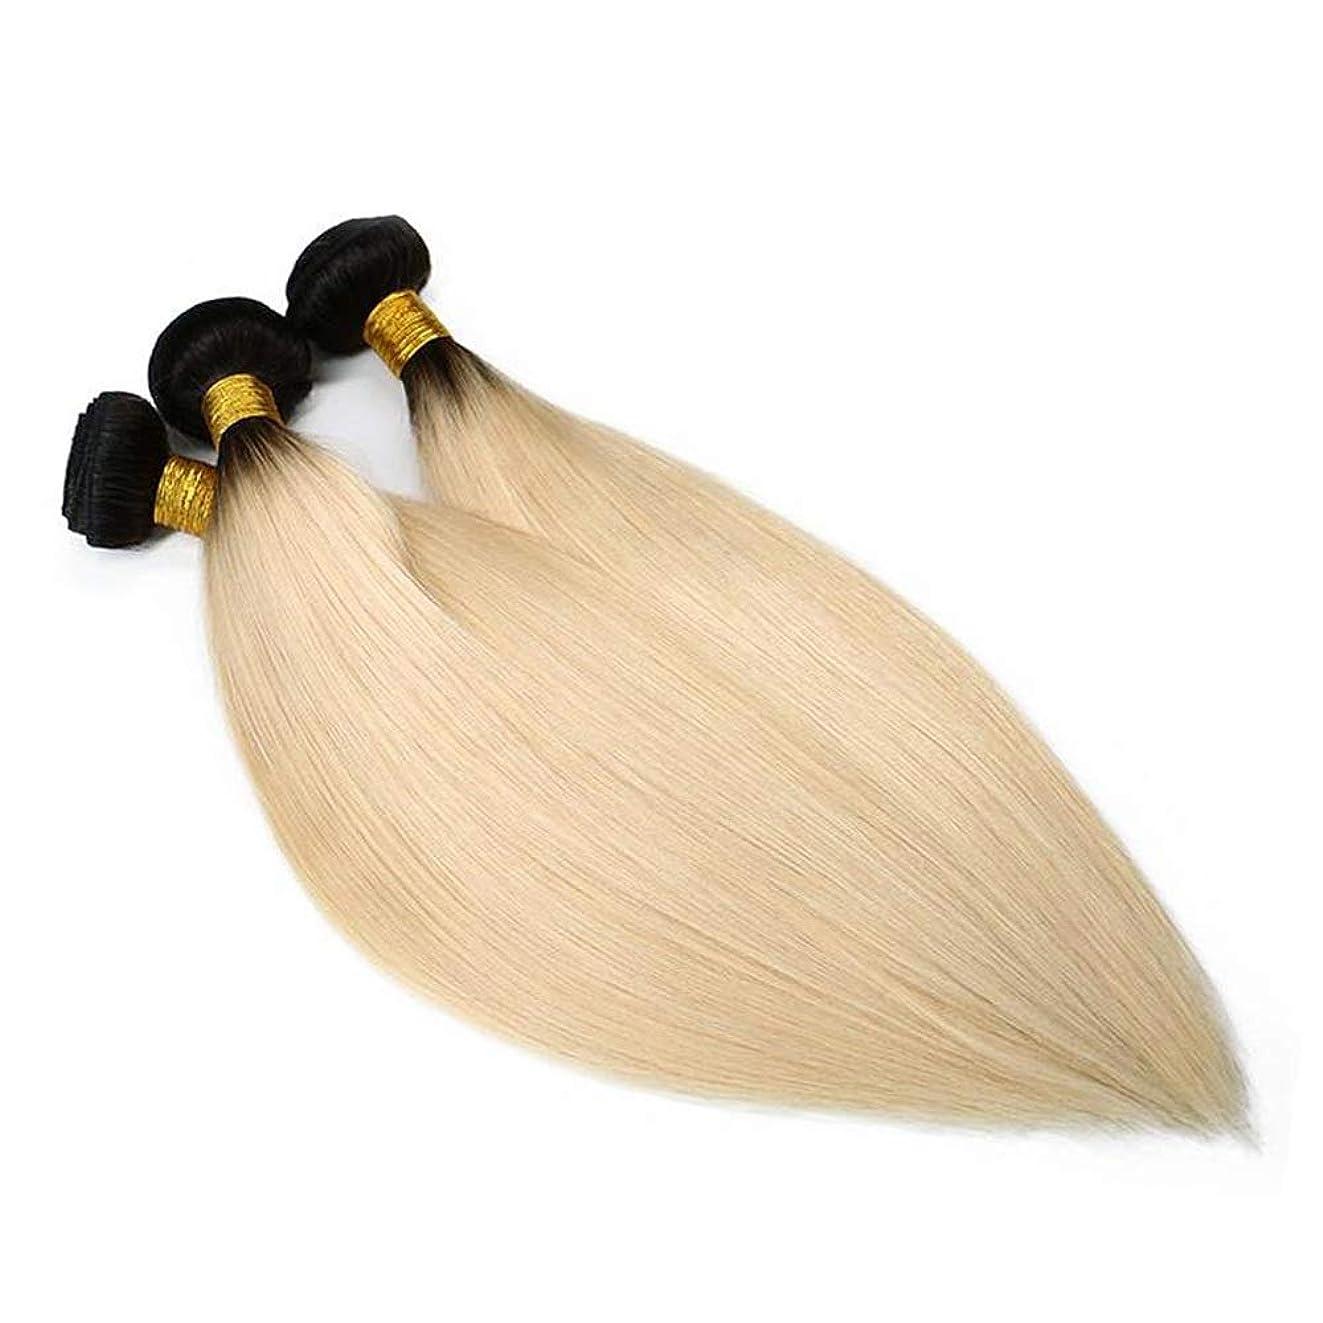 独裁有力者賠償HOHYLLYA 18インチ人間の髪織りバンドルブラジルのヘアエクステンション横糸ストレート#1B / 613ブロンド(1バンドル、100g)合成毛髪のレースのかつらロールプレイングかつら (色 : Blonde, サイズ : 16 inch)